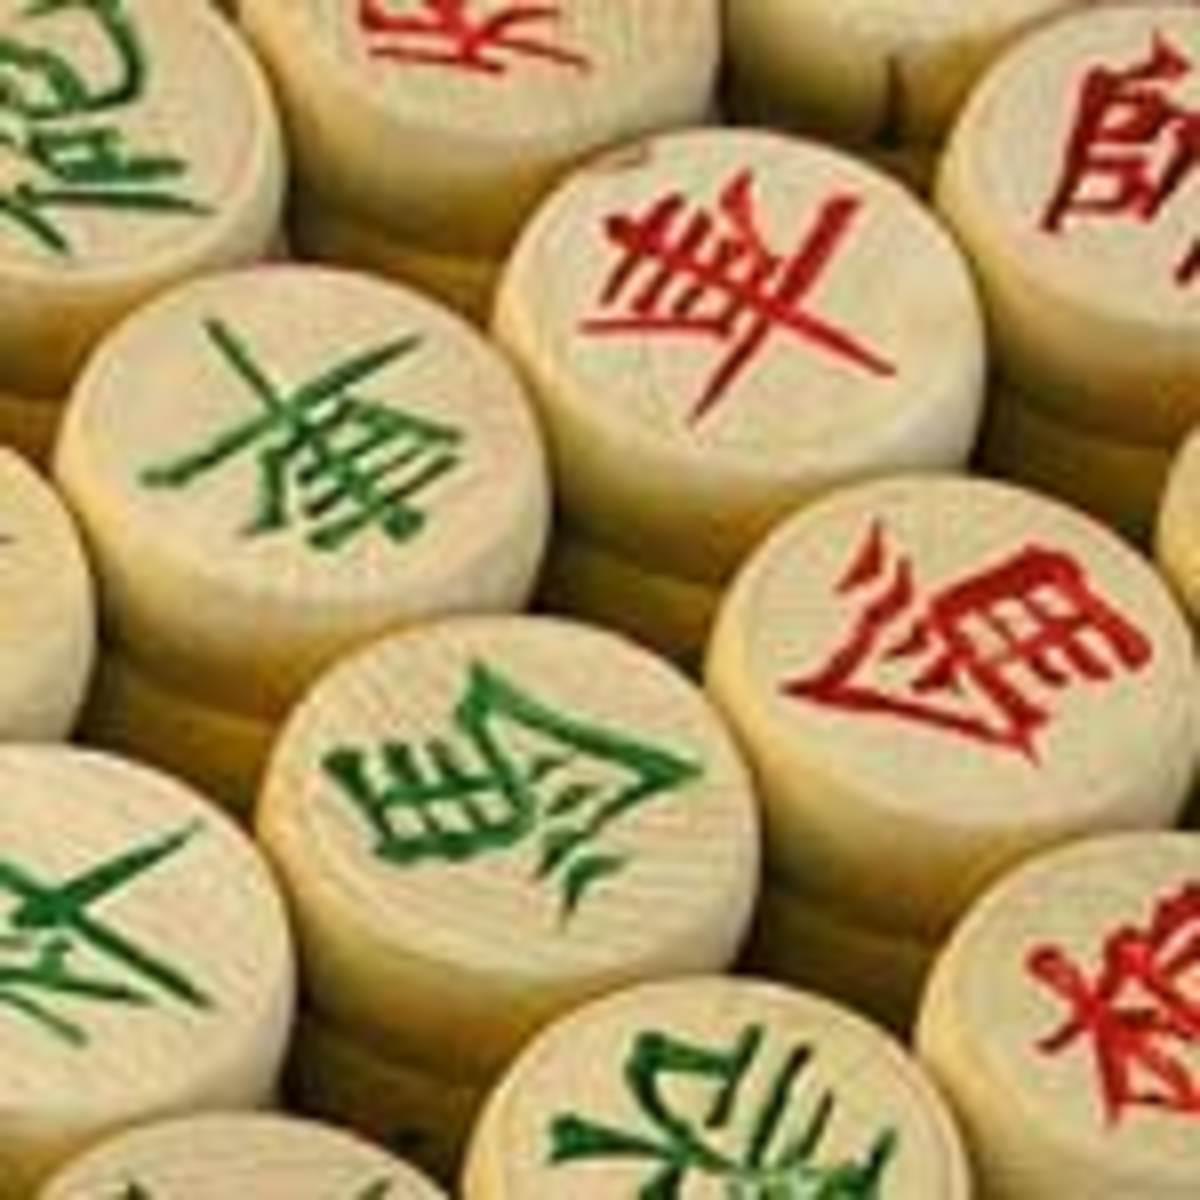 Chinese Chess v. Chinese Checkers